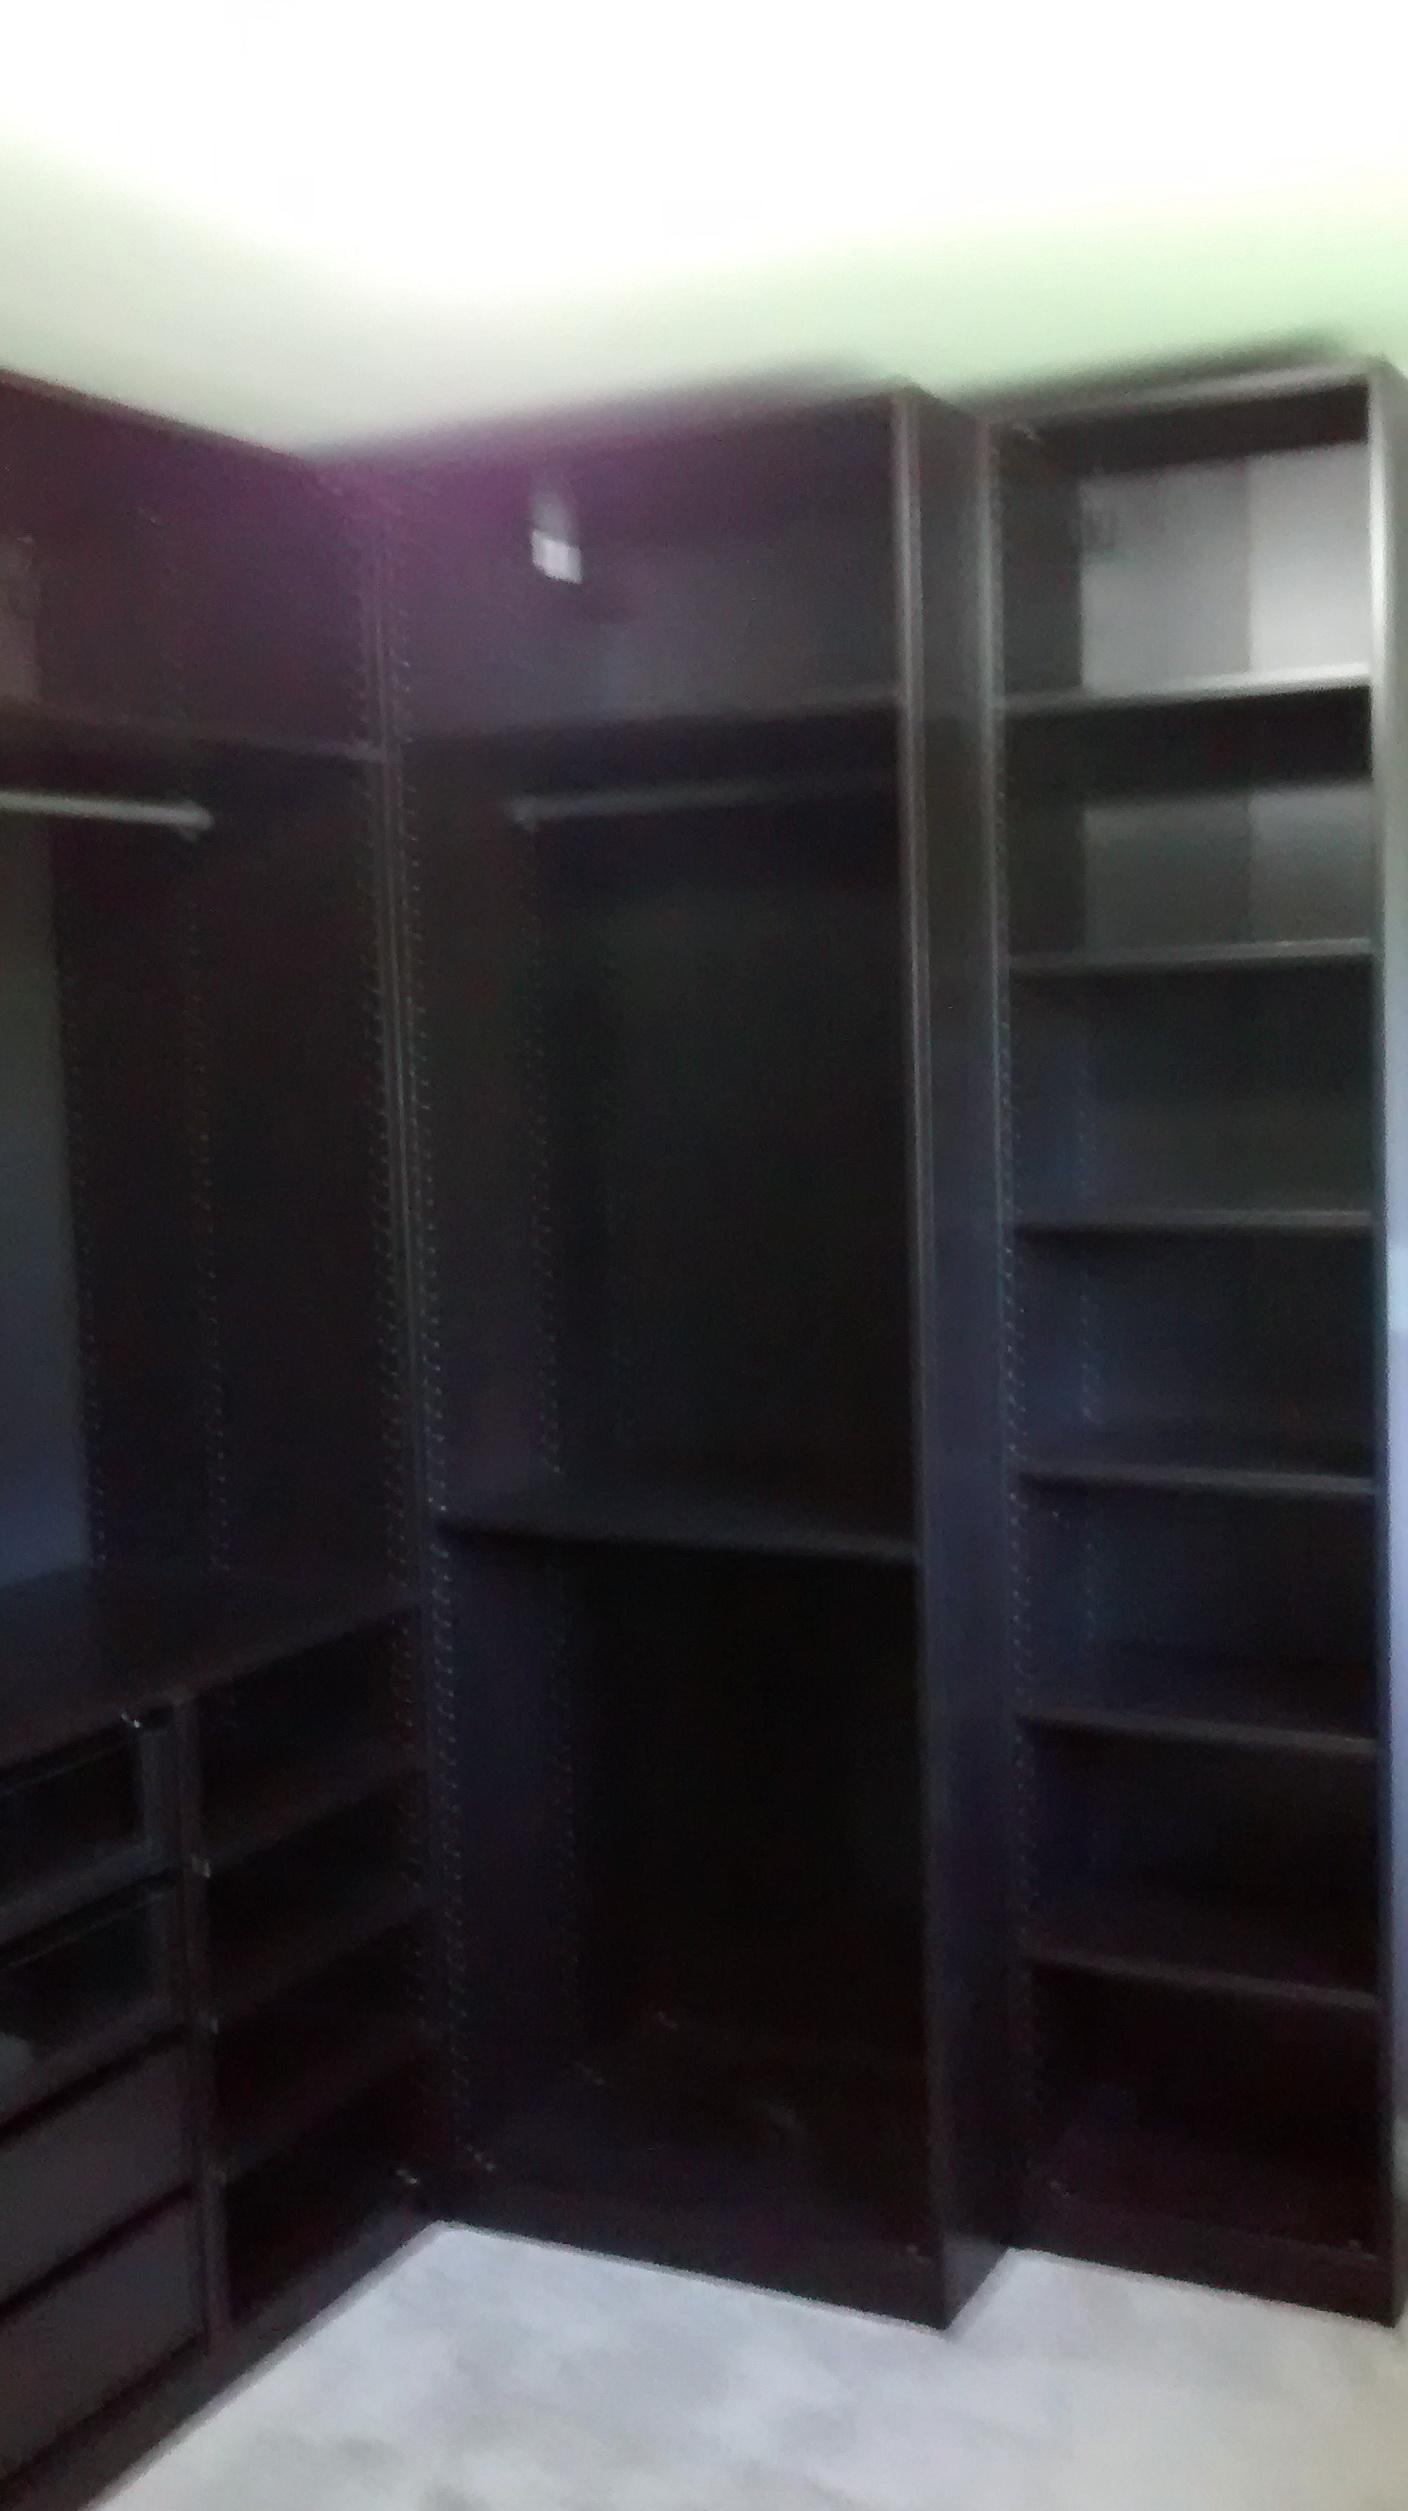 Ikea Closet System Reviews